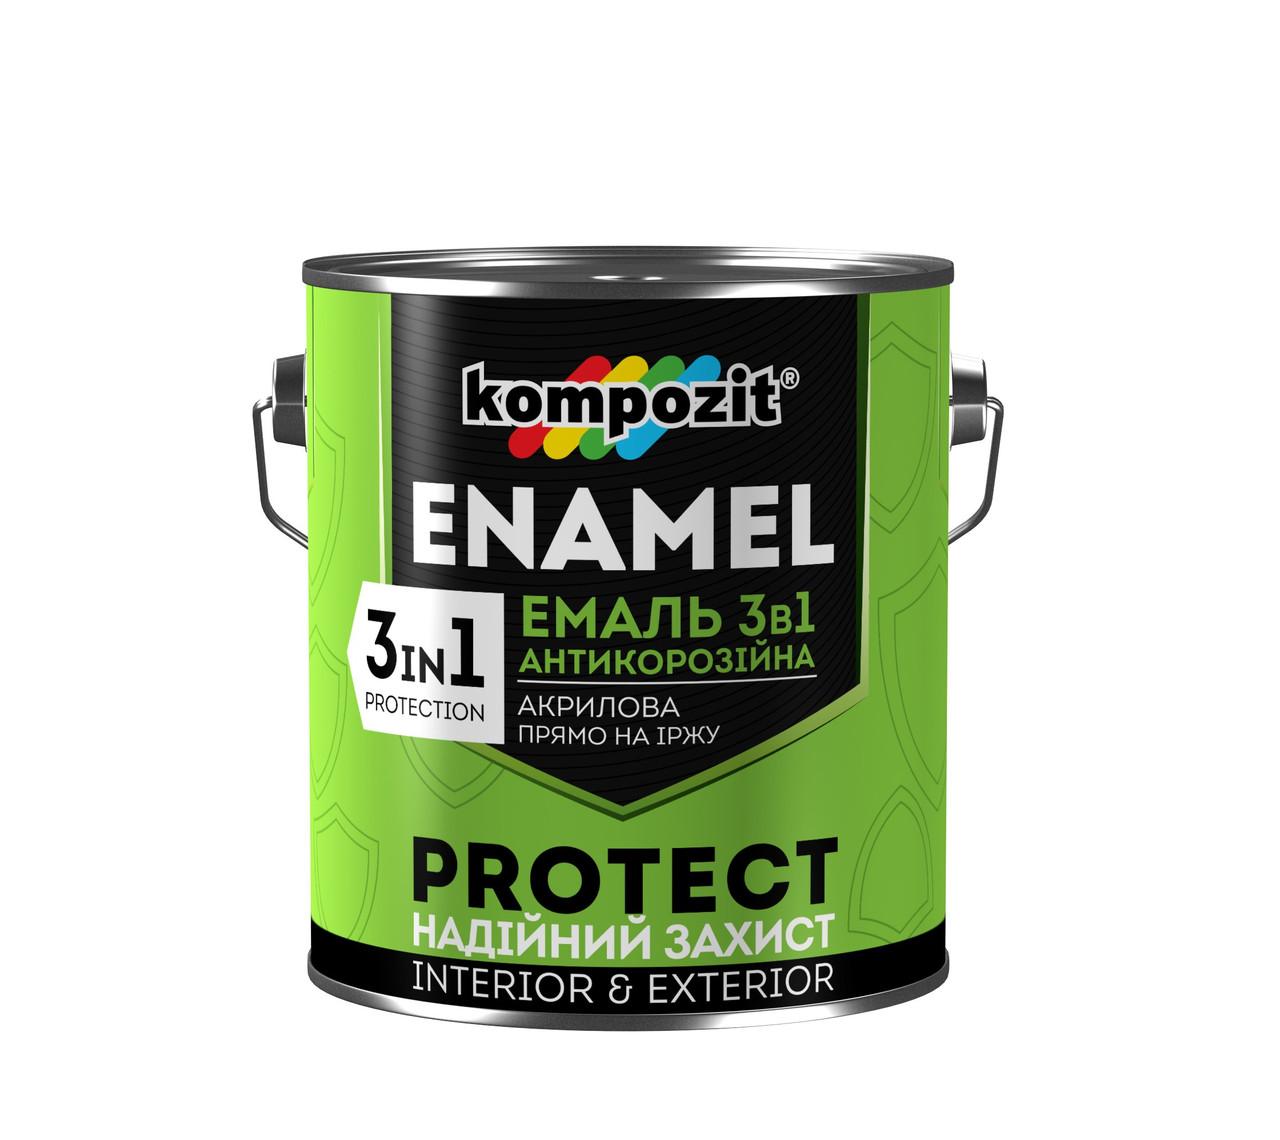 Емаль 3 в 1 антикорозійна Protect КОМПОЗИТ срібляста 10 кг